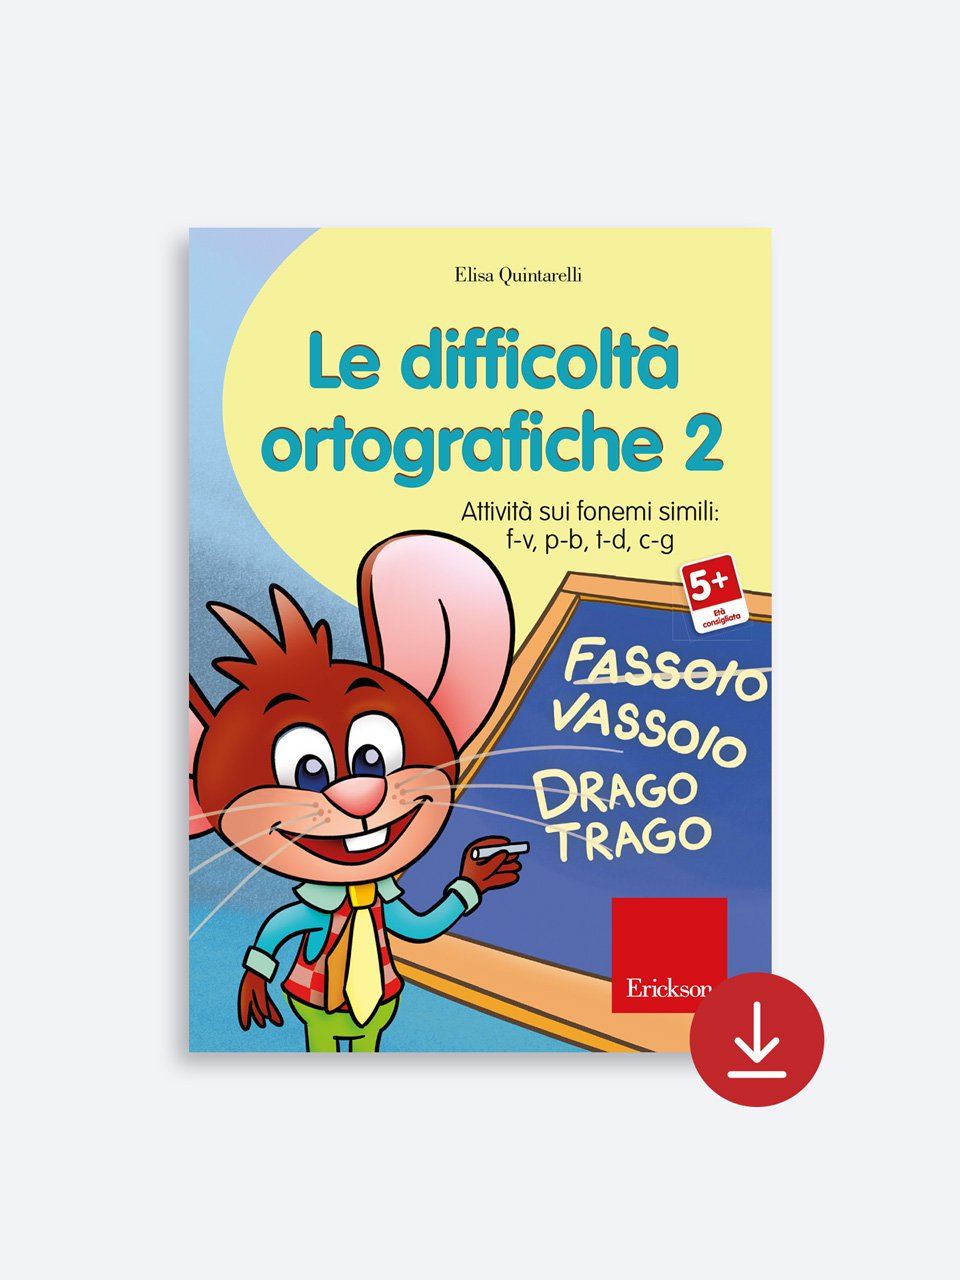 Le difficoltà ortografiche - Volume 2 - Le difficoltà ortografiche - Volume 1 - Libri - App e software - Erickson